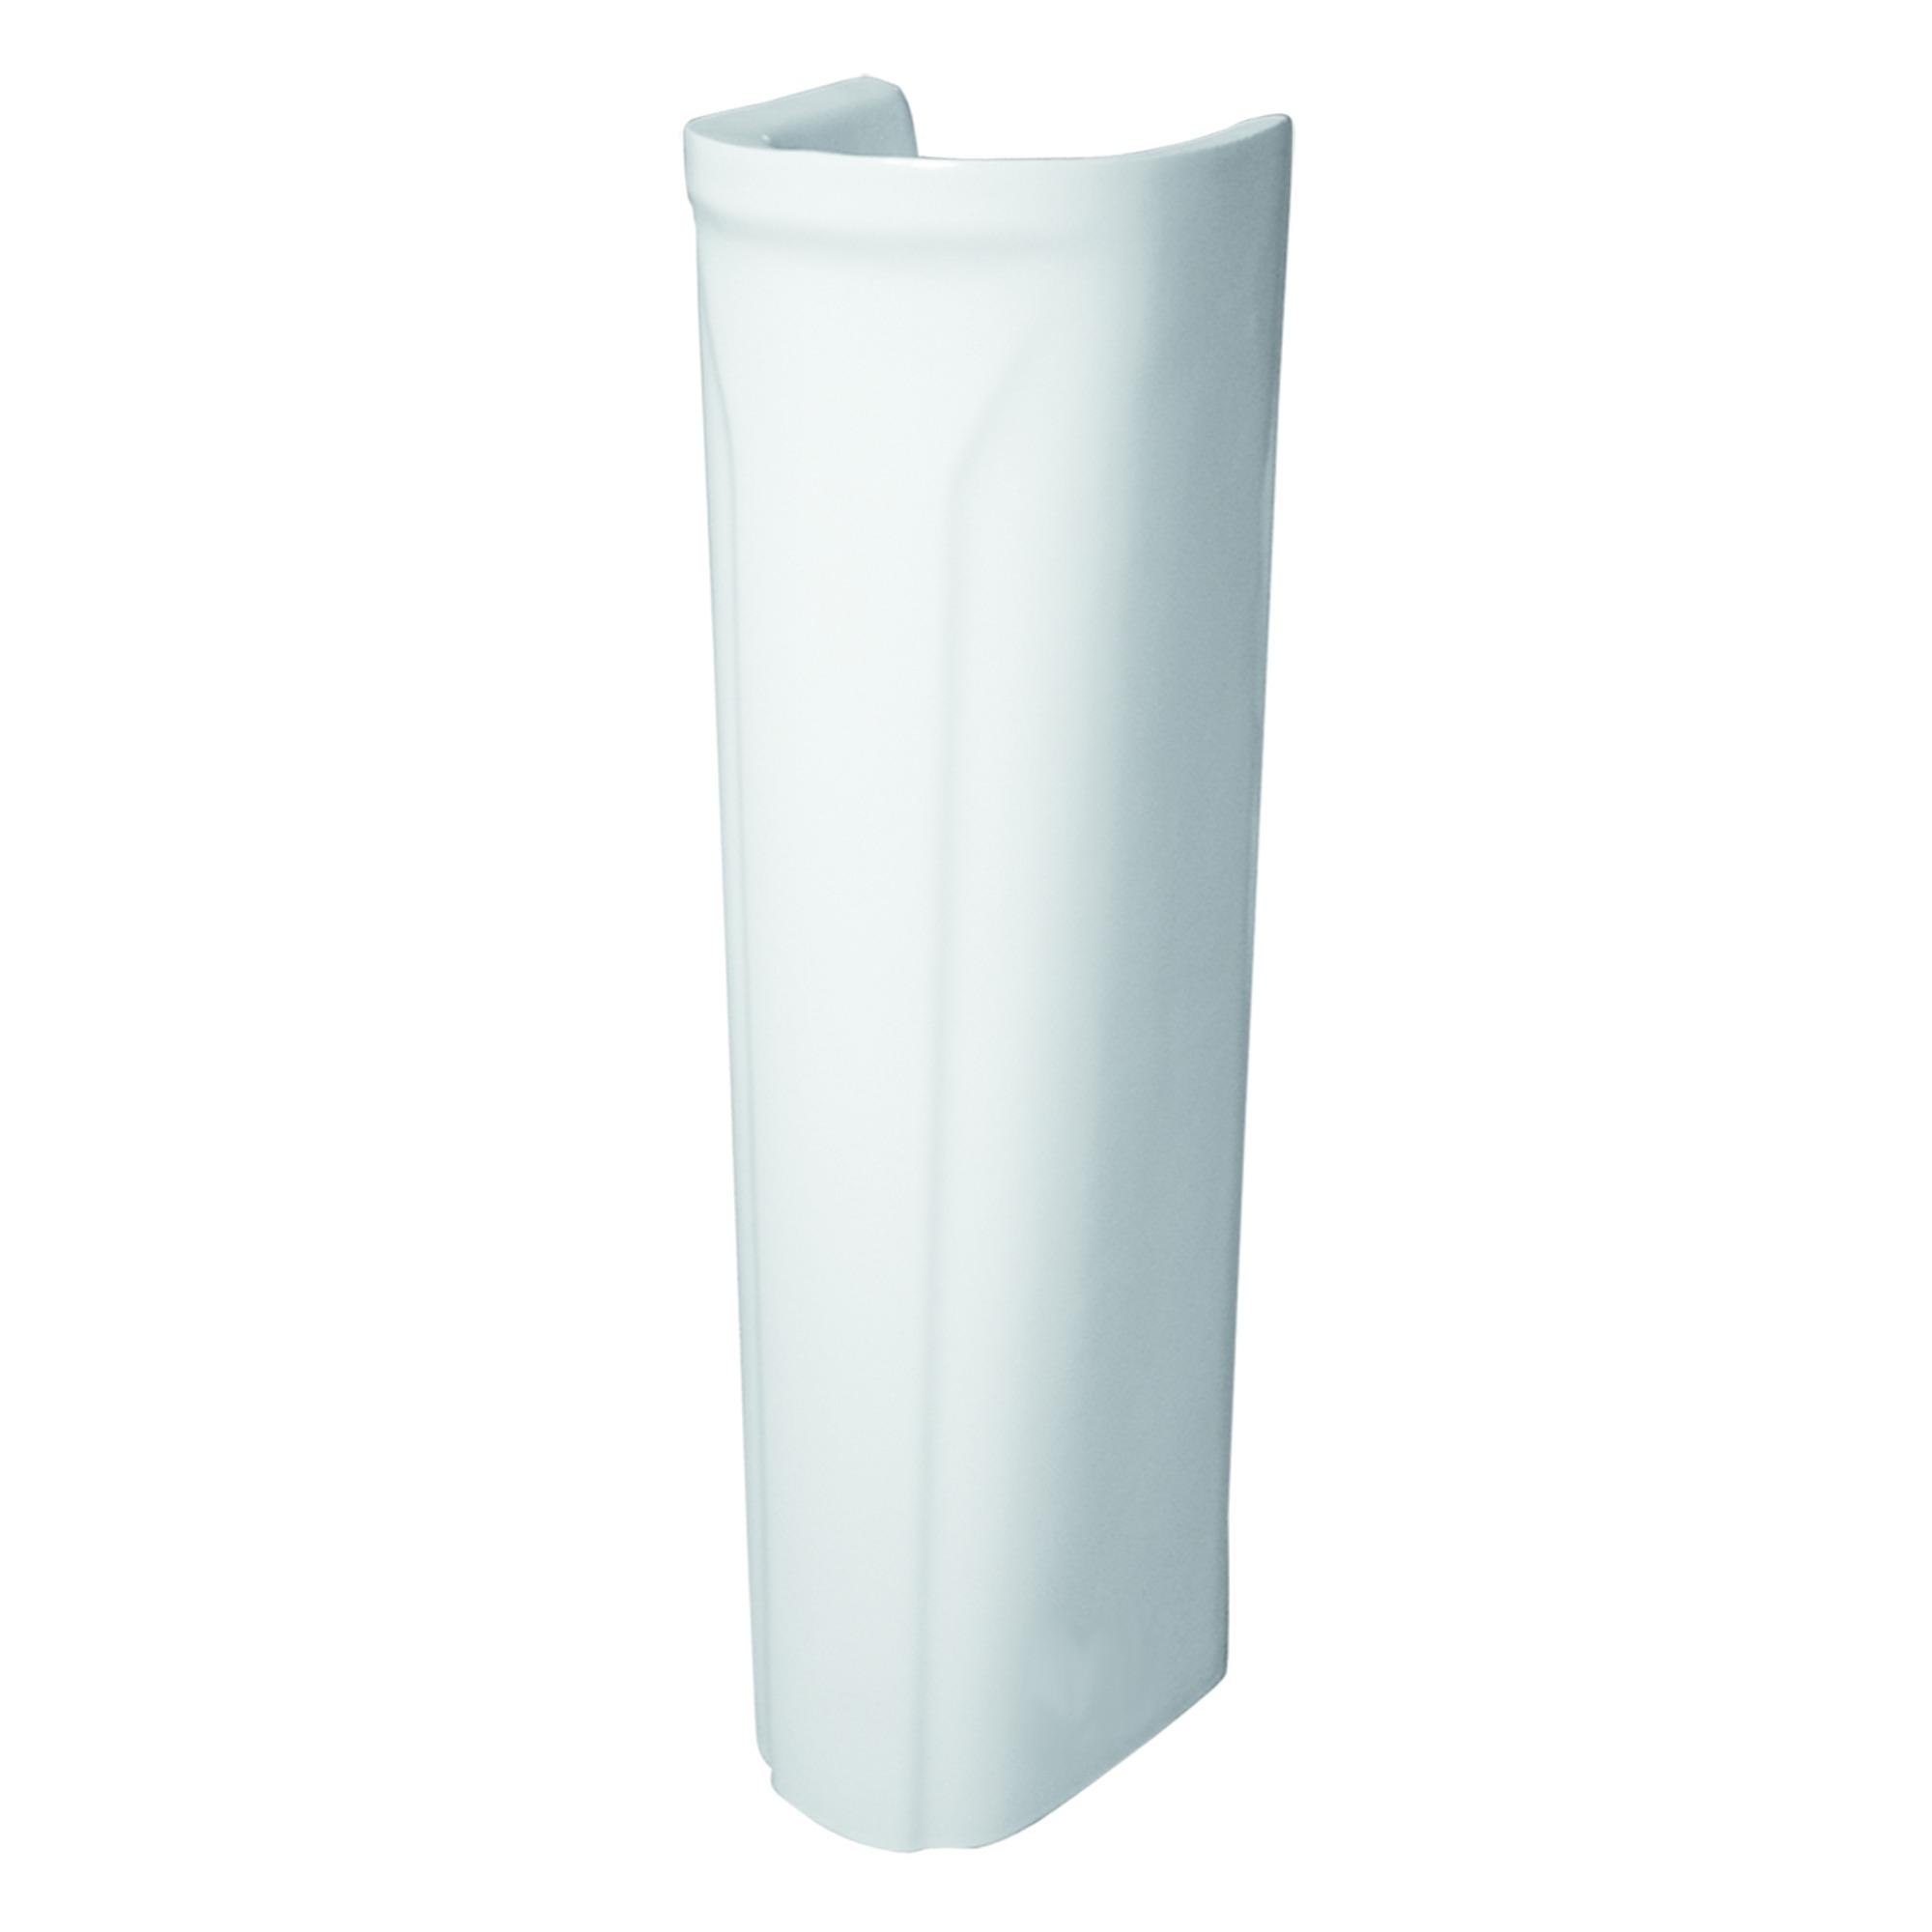 isifix colonne pour lavabo ariane blanc lavabos lavabos lave mains sanitaire chauffage. Black Bedroom Furniture Sets. Home Design Ideas